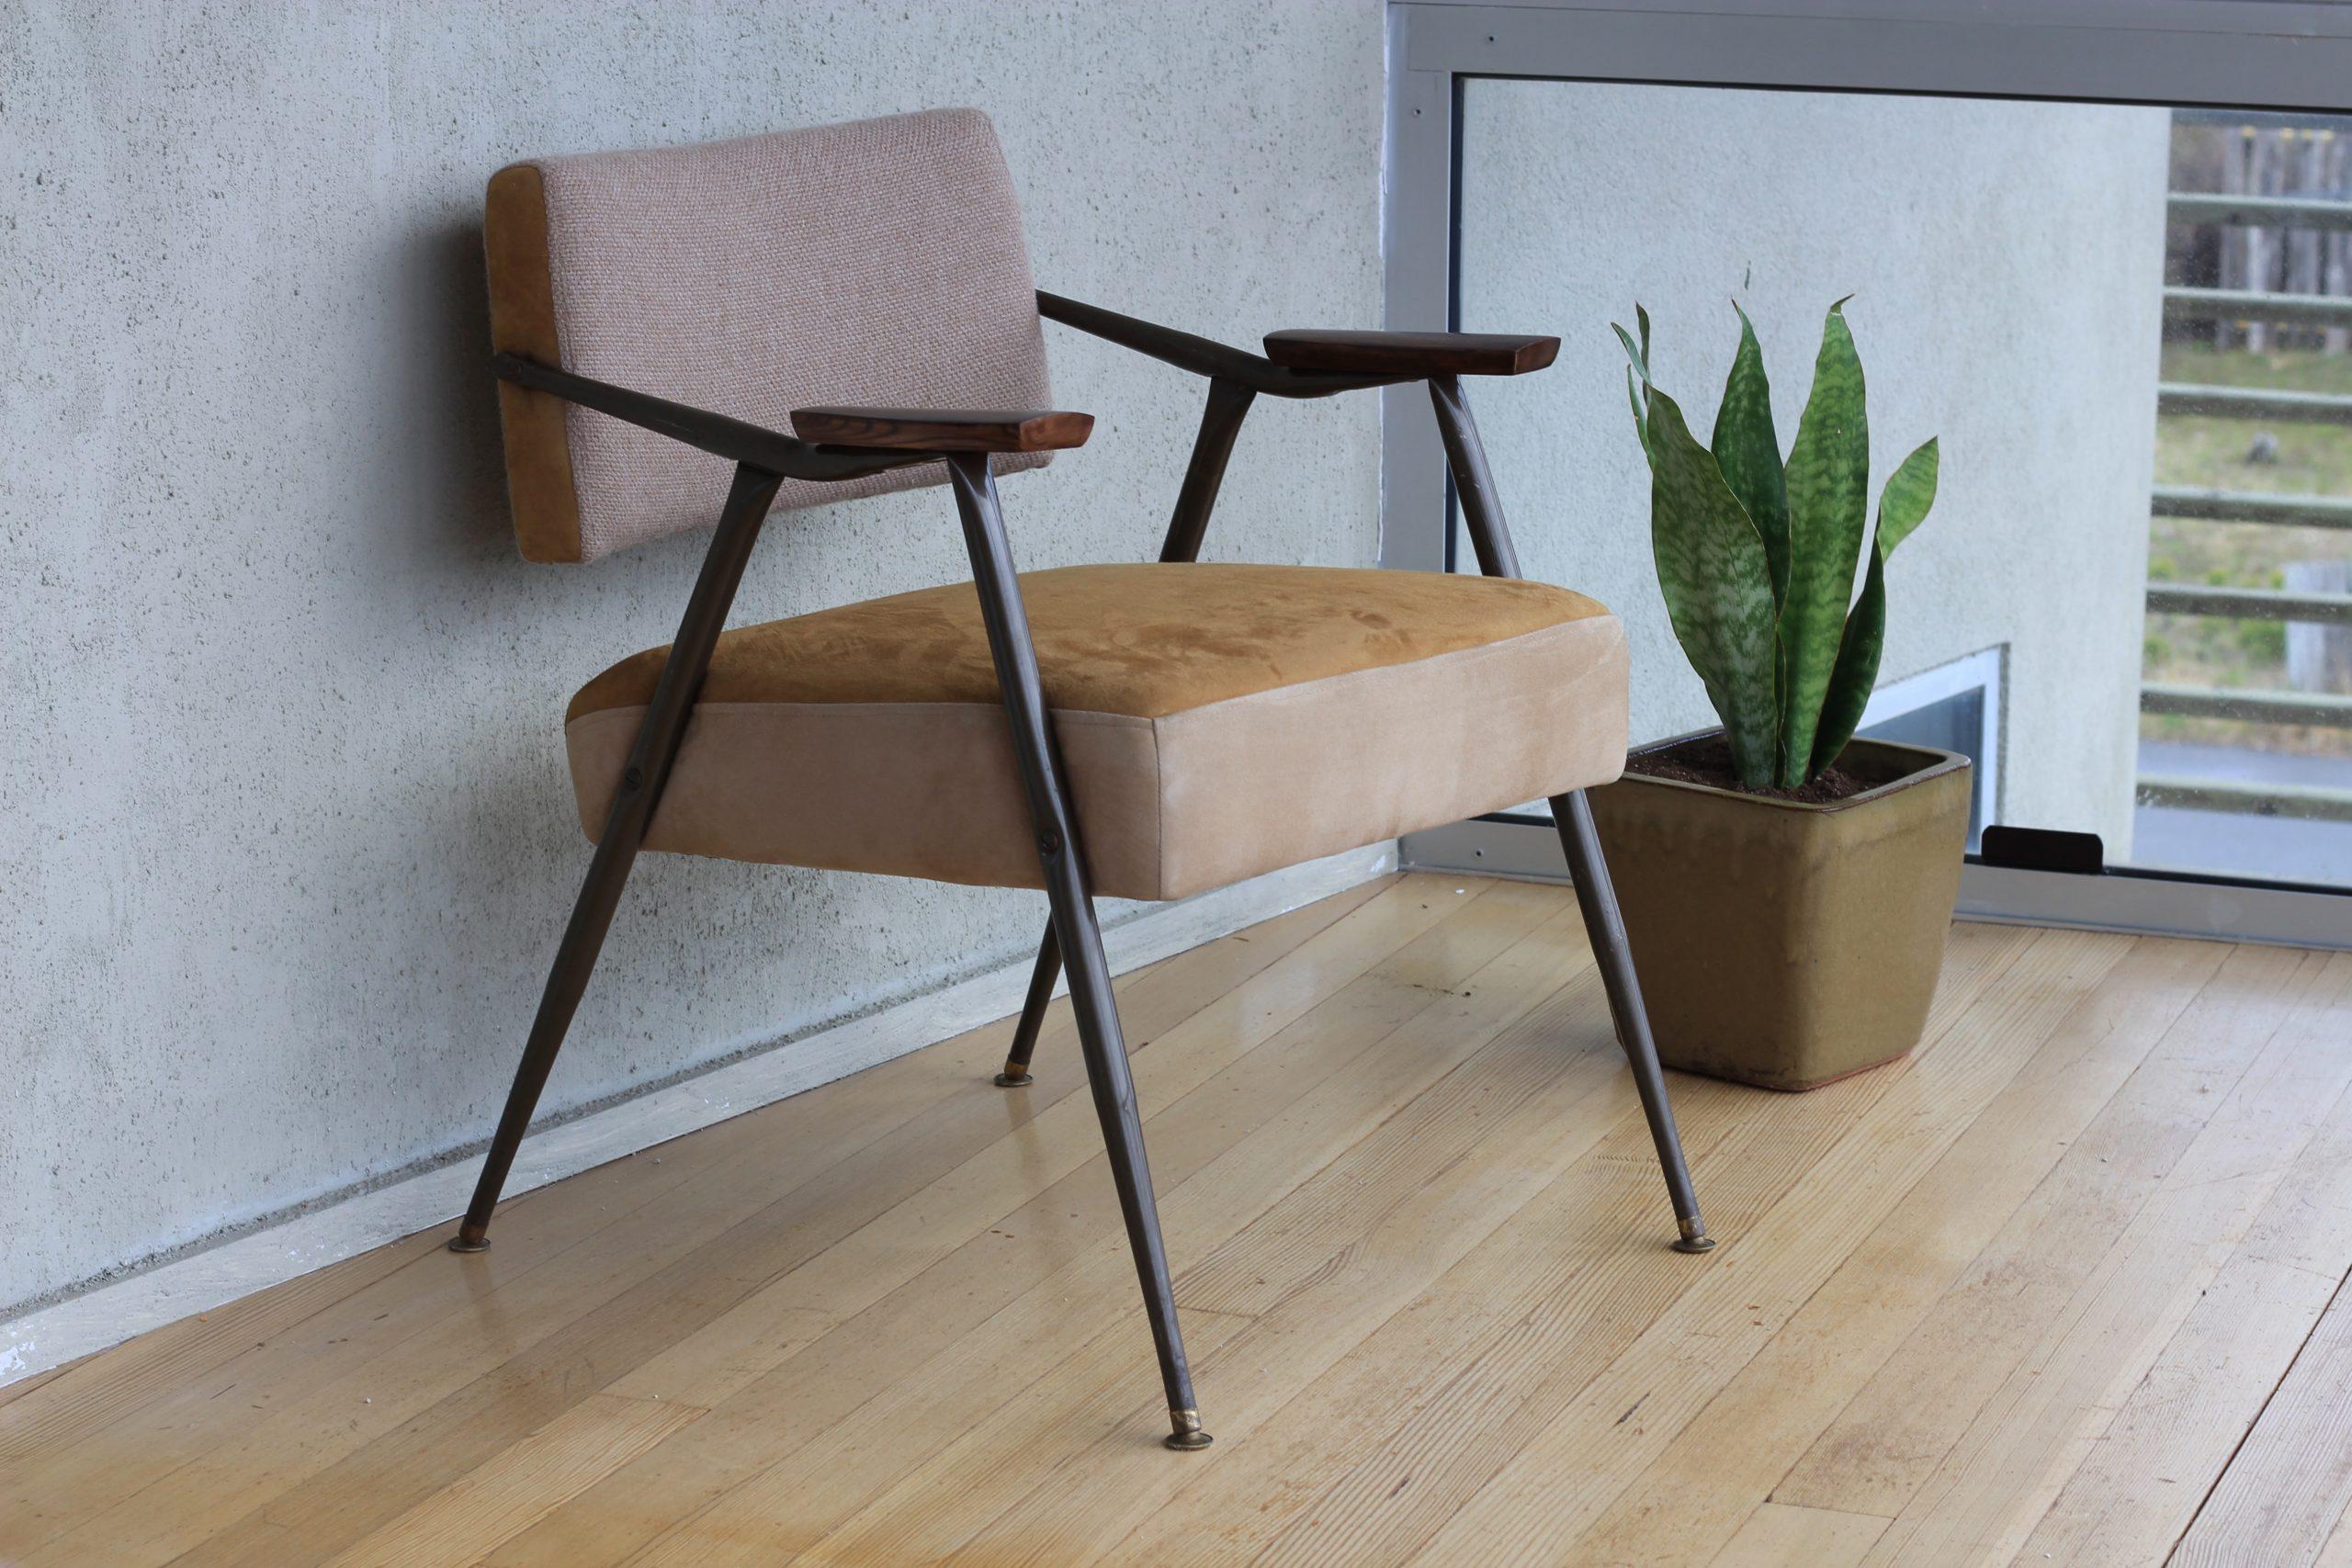 Silla tapizada con brazos de estilo mid-century ideal para diseño de interiores